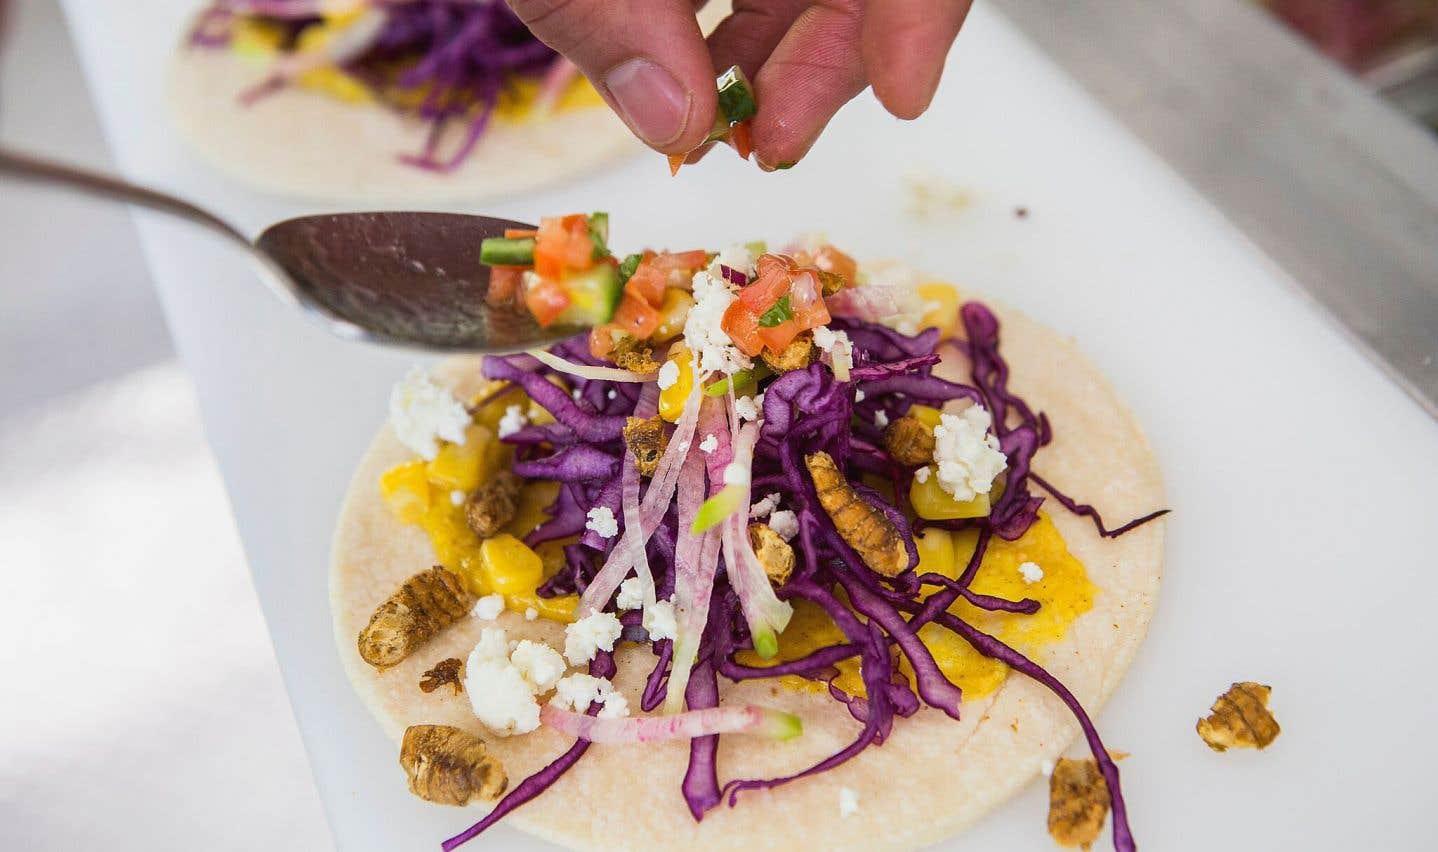 Des tacos aux grillons réalisés dans le cadre de l'activité Croque-insectes à l'Insectarium de Montréal